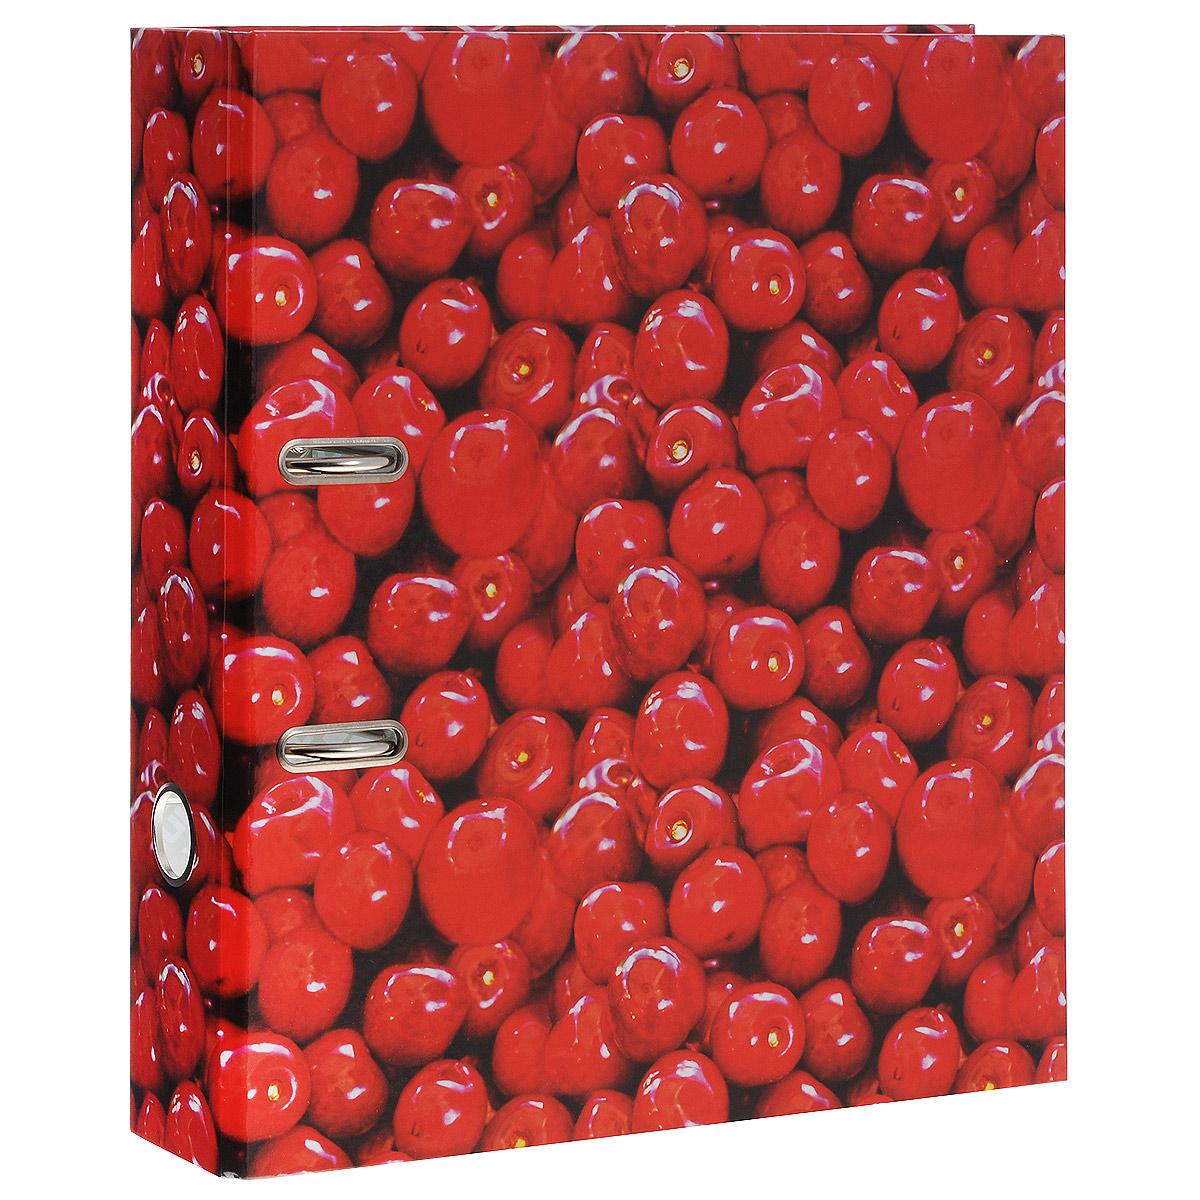 Папка-регистратор Вишня, ширина корешка 70 мм, цвет: красный. IN111103 папка proff next а4 0 40 0 70 мм пластиковая полупрозрачная синяя с резинкой